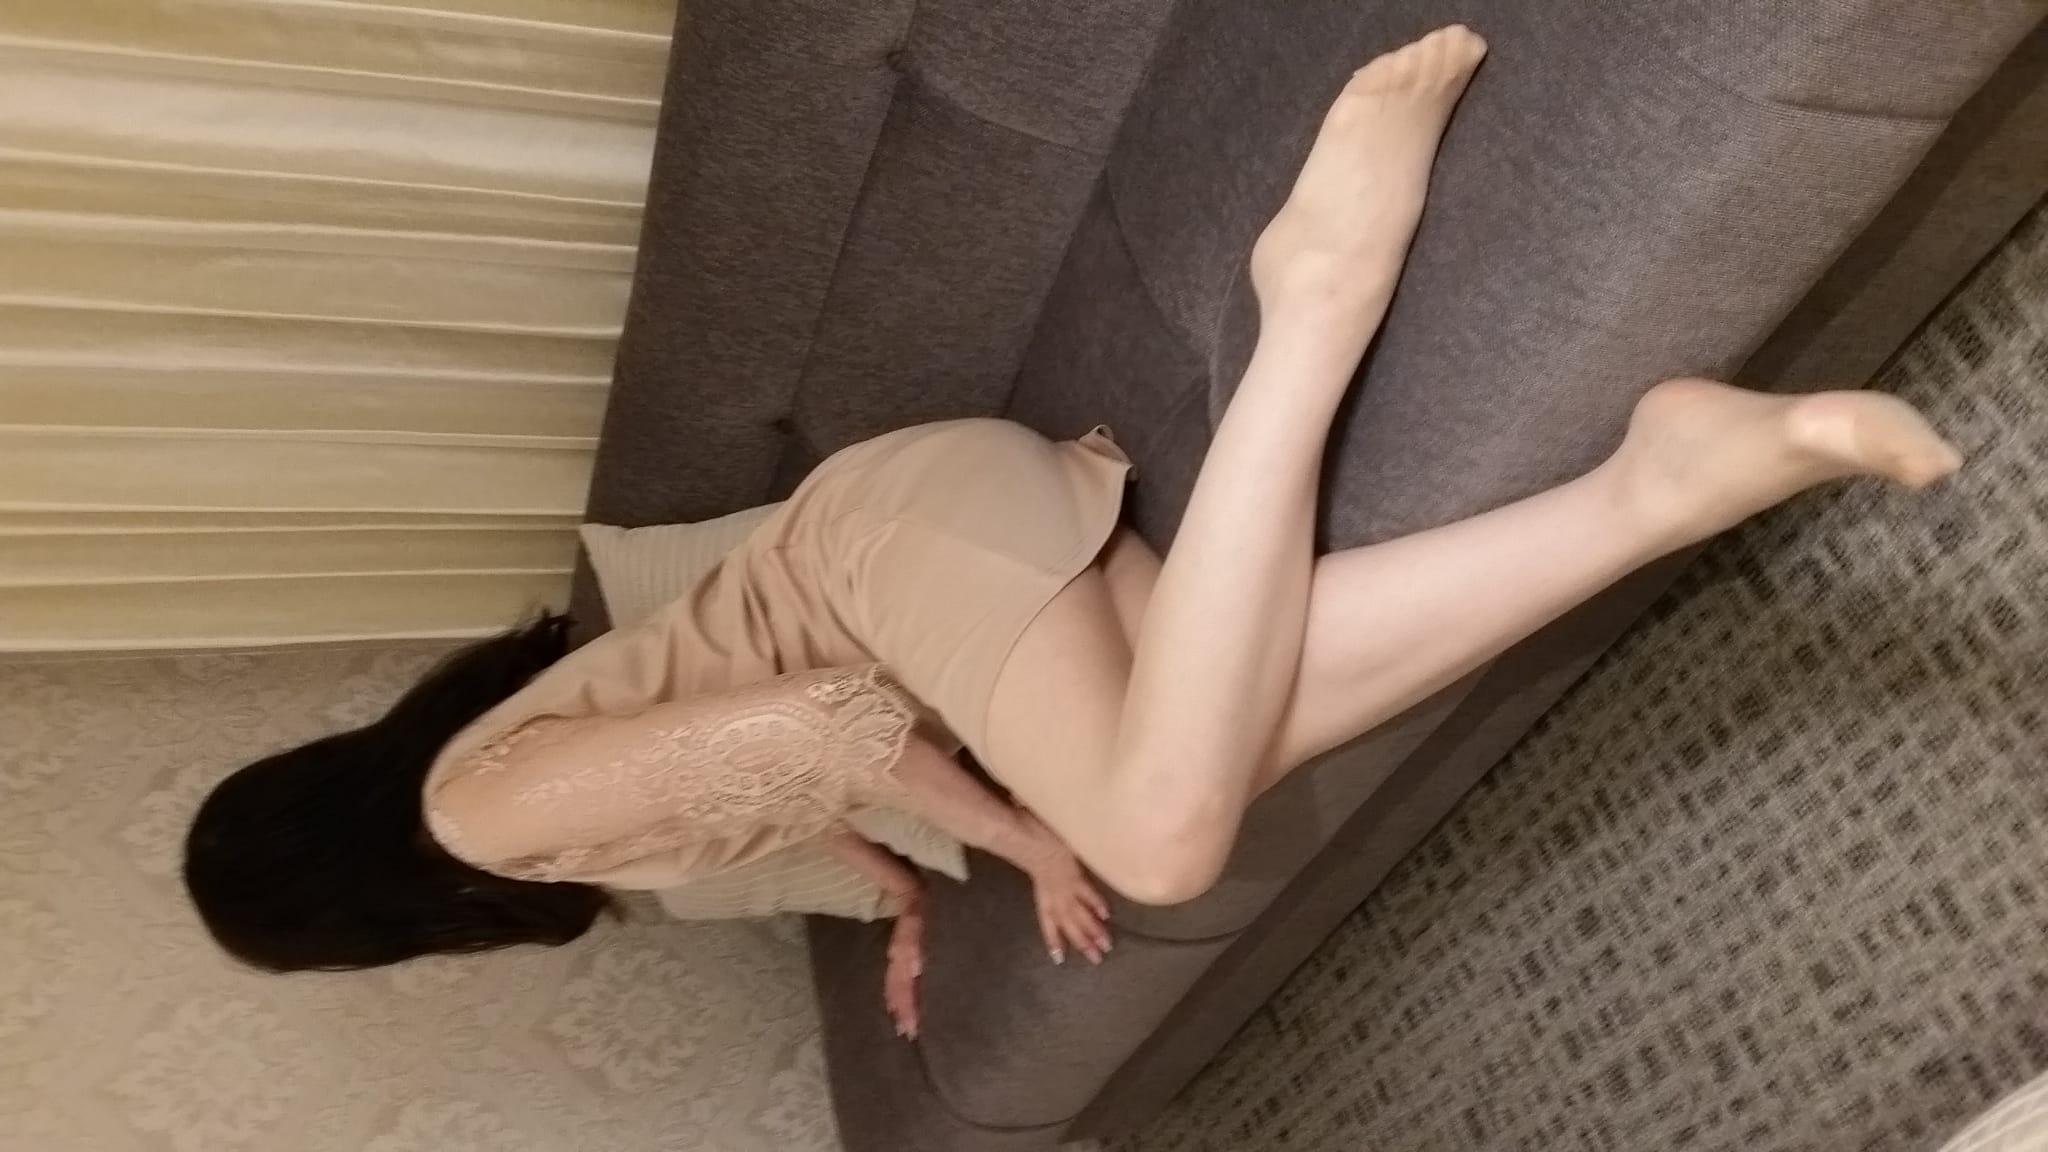 「れいか」10/03(10/03) 16:44 | れいかの写メ・風俗動画